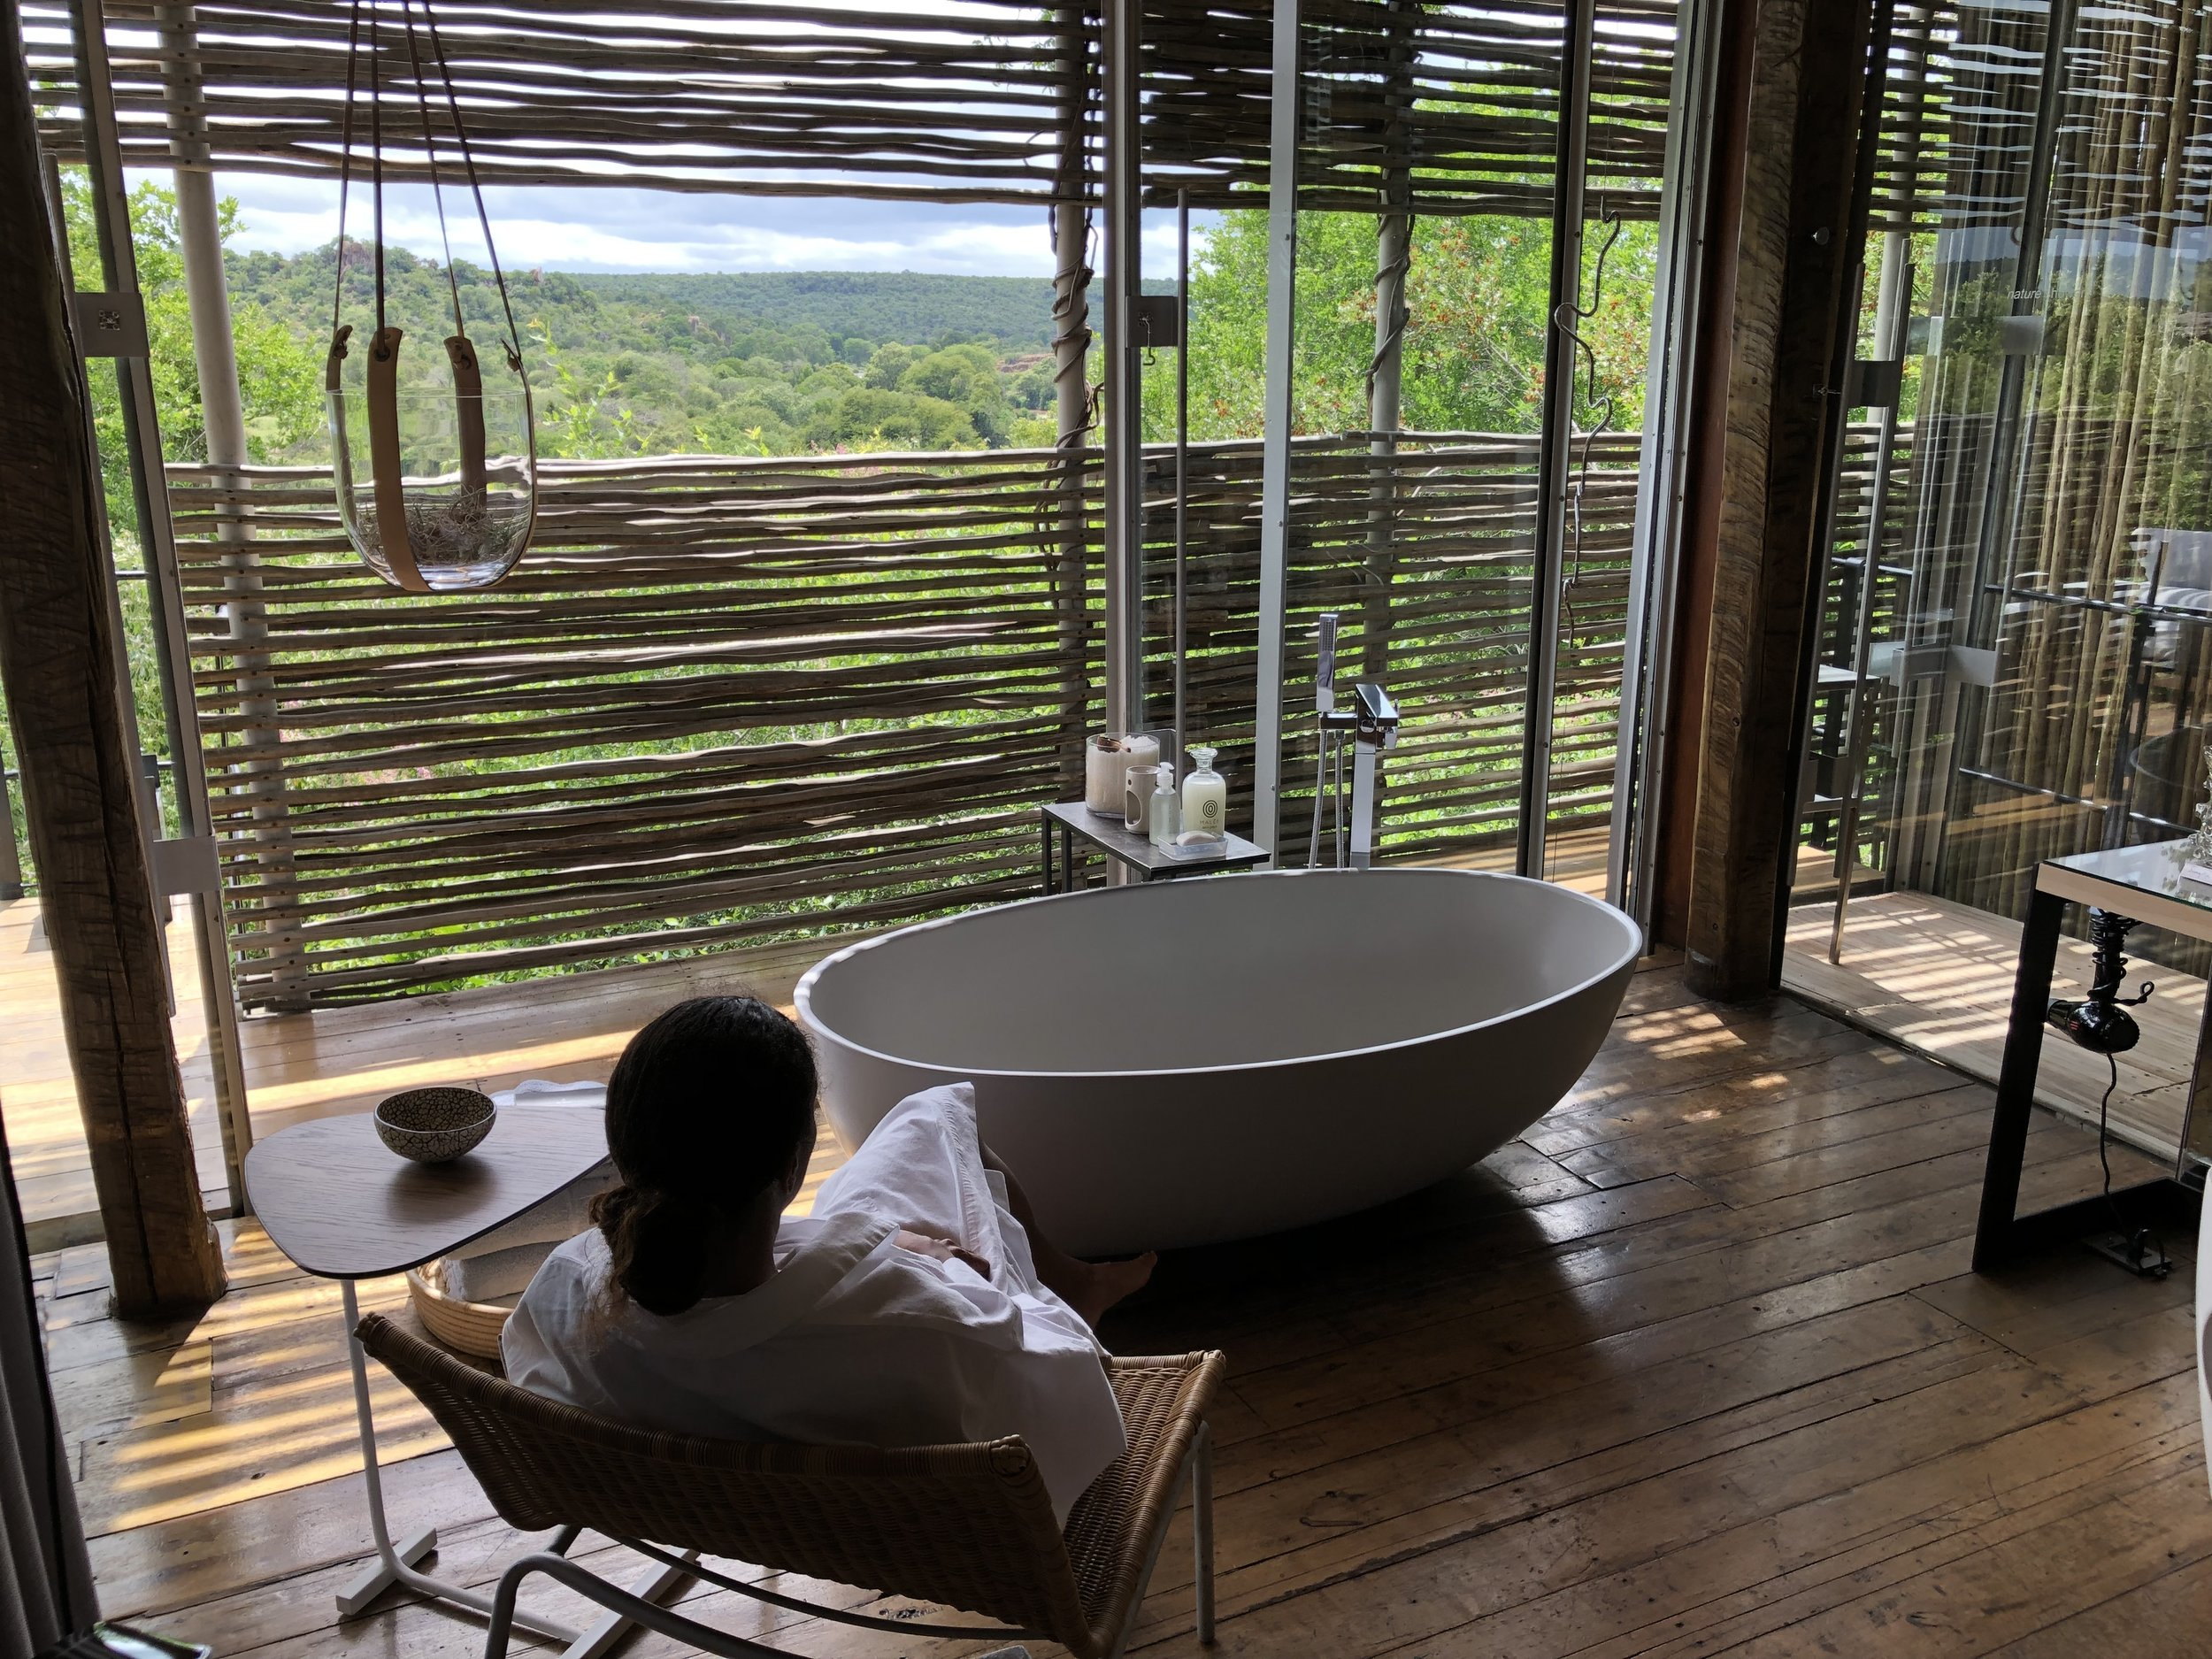 luxury-safari-lodge-bathtub.JPG